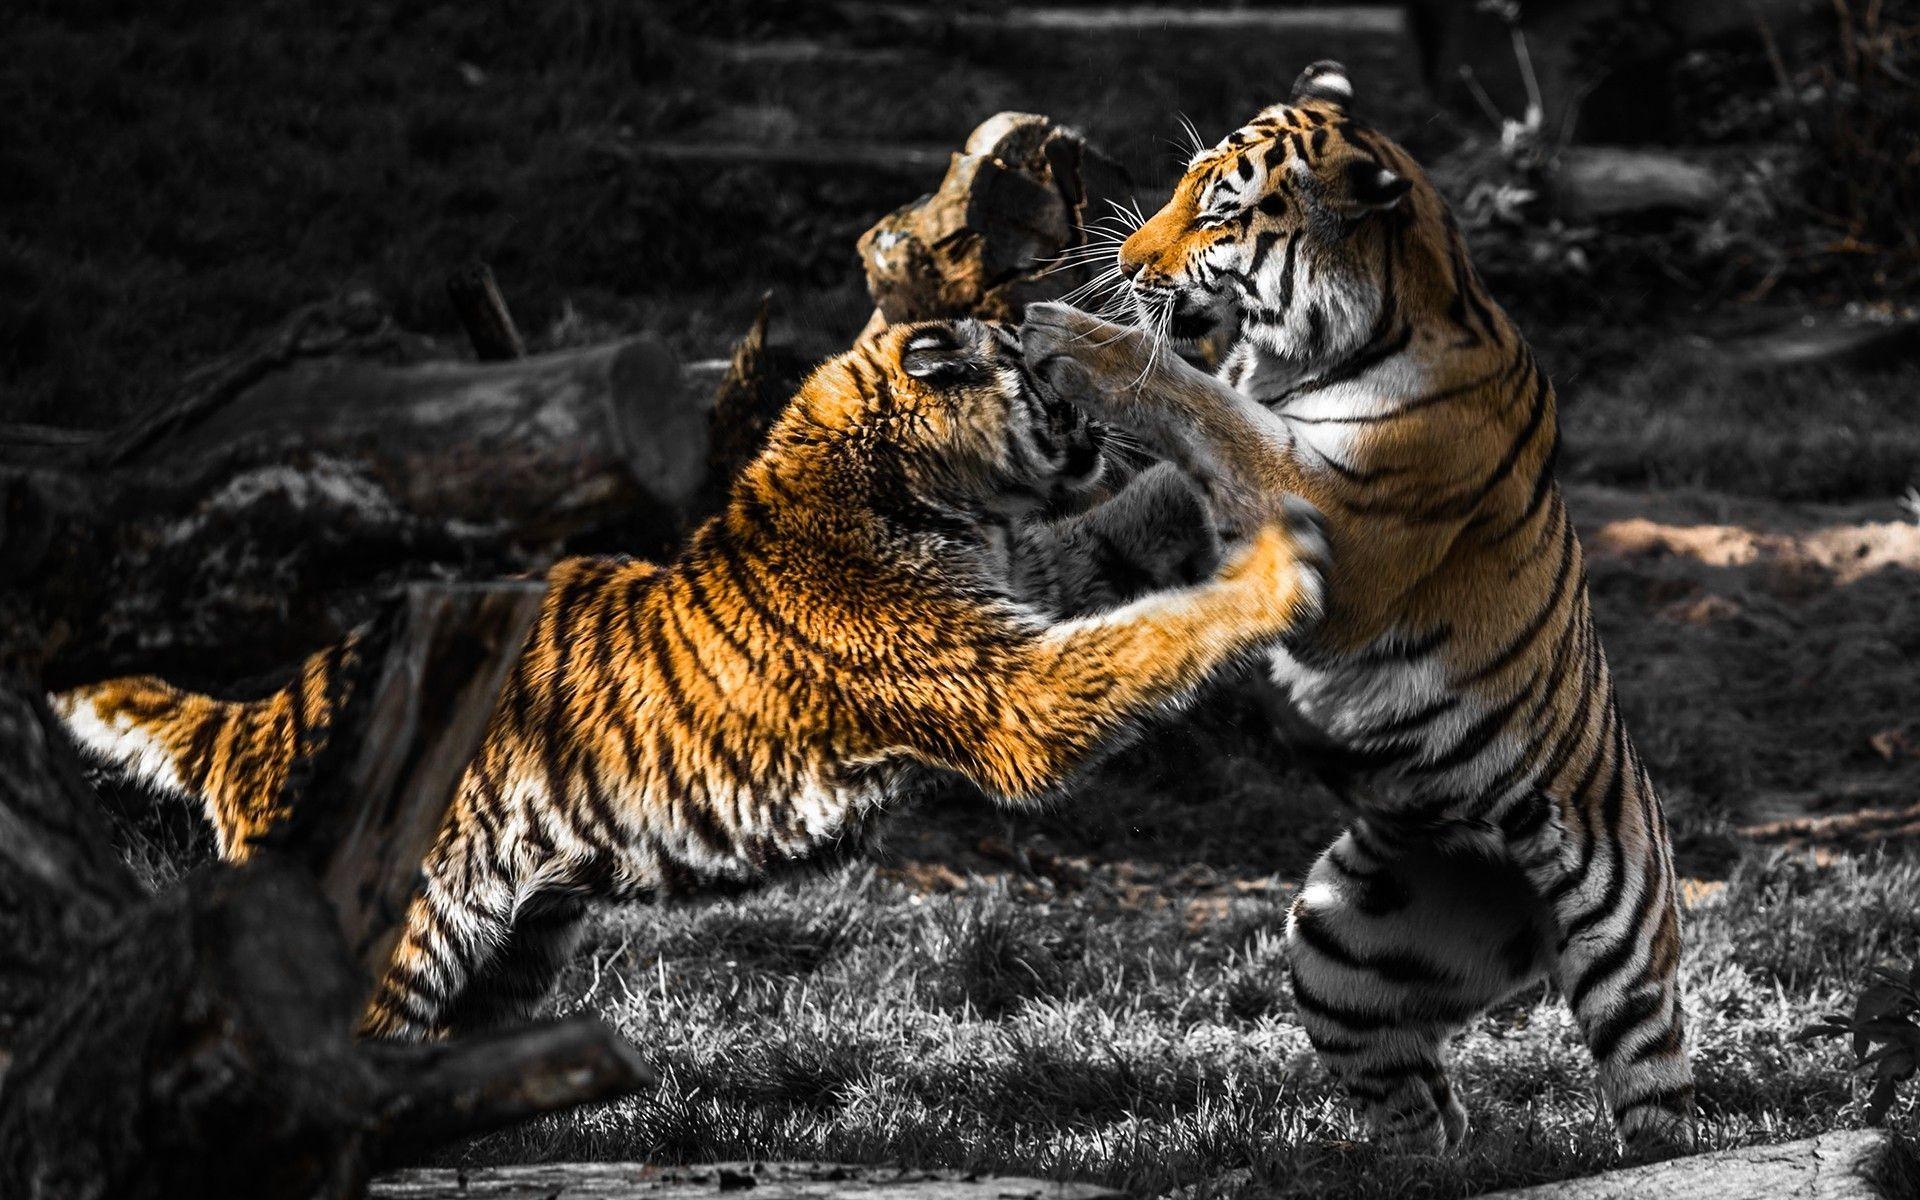 Memphis Tigers Wallpaper (71+ images)